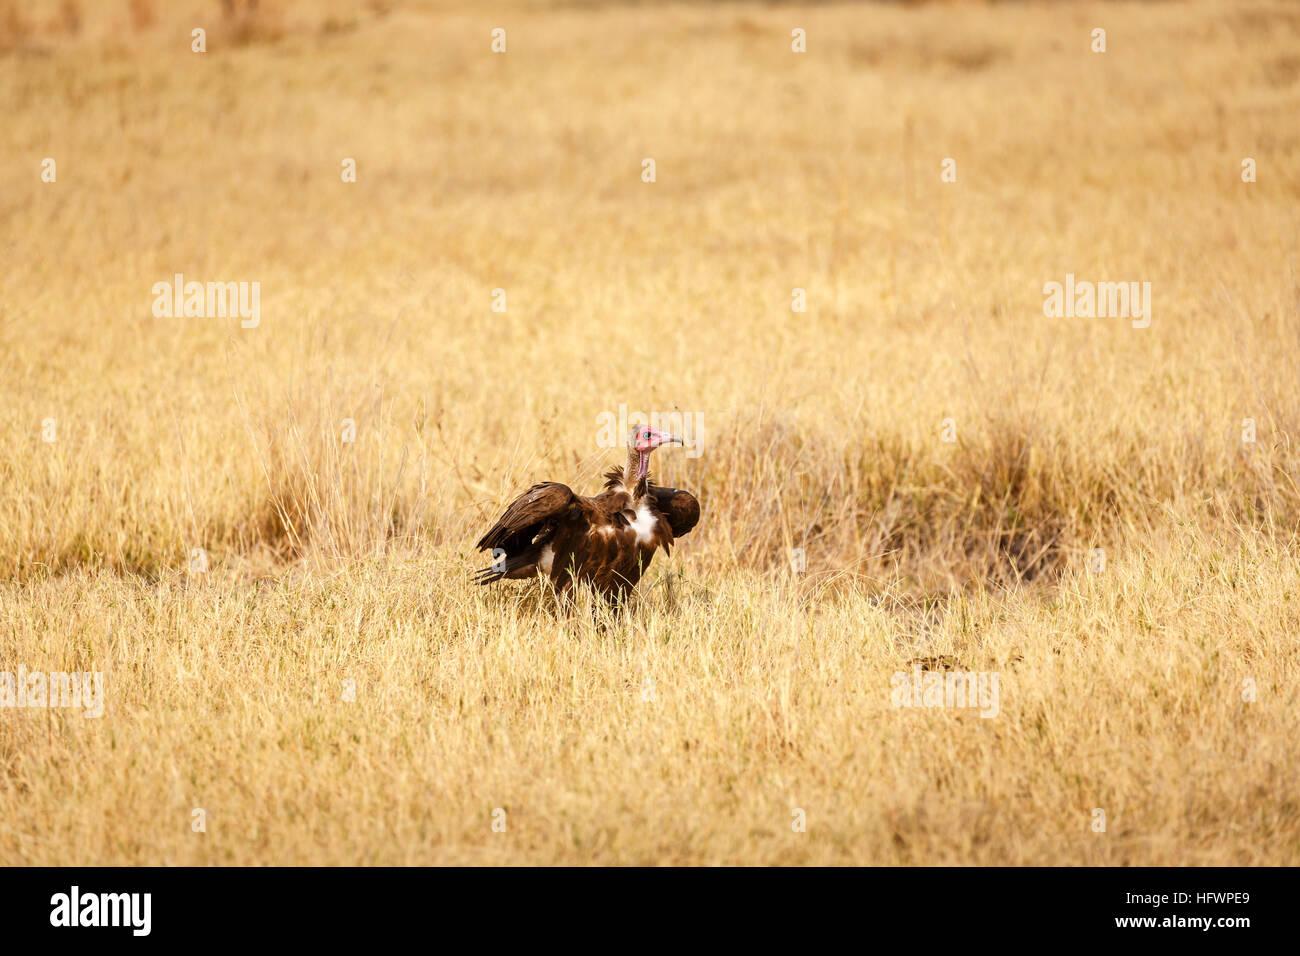 Hooded vulture (Necrosyrtes monachus), Sandibe Camp, à côté de la Moremi, Okavango Delta, Kalahari, Botswana, Afrique du Sud Banque D'Images